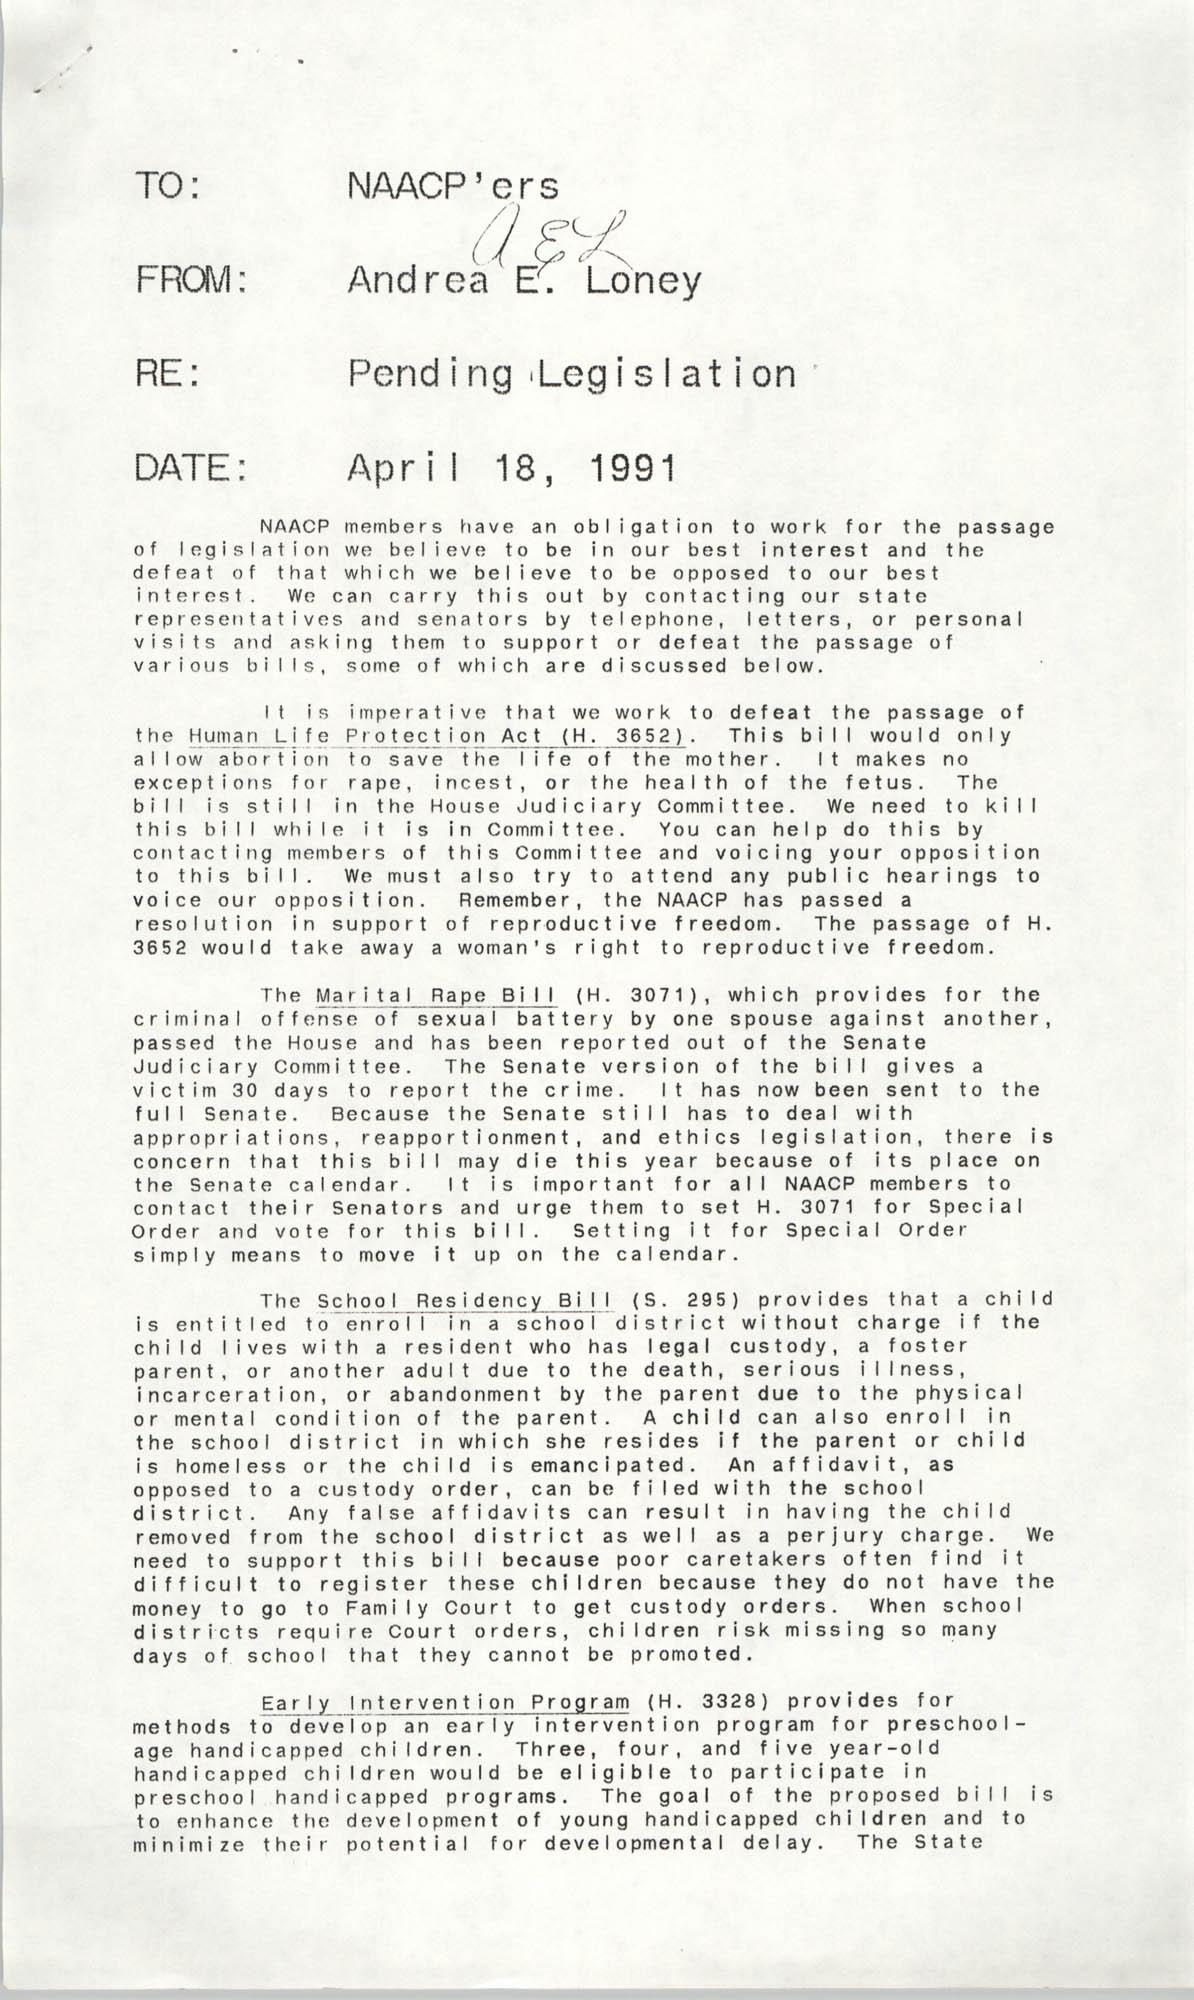 NAACP Memorandum, April 18, 1991